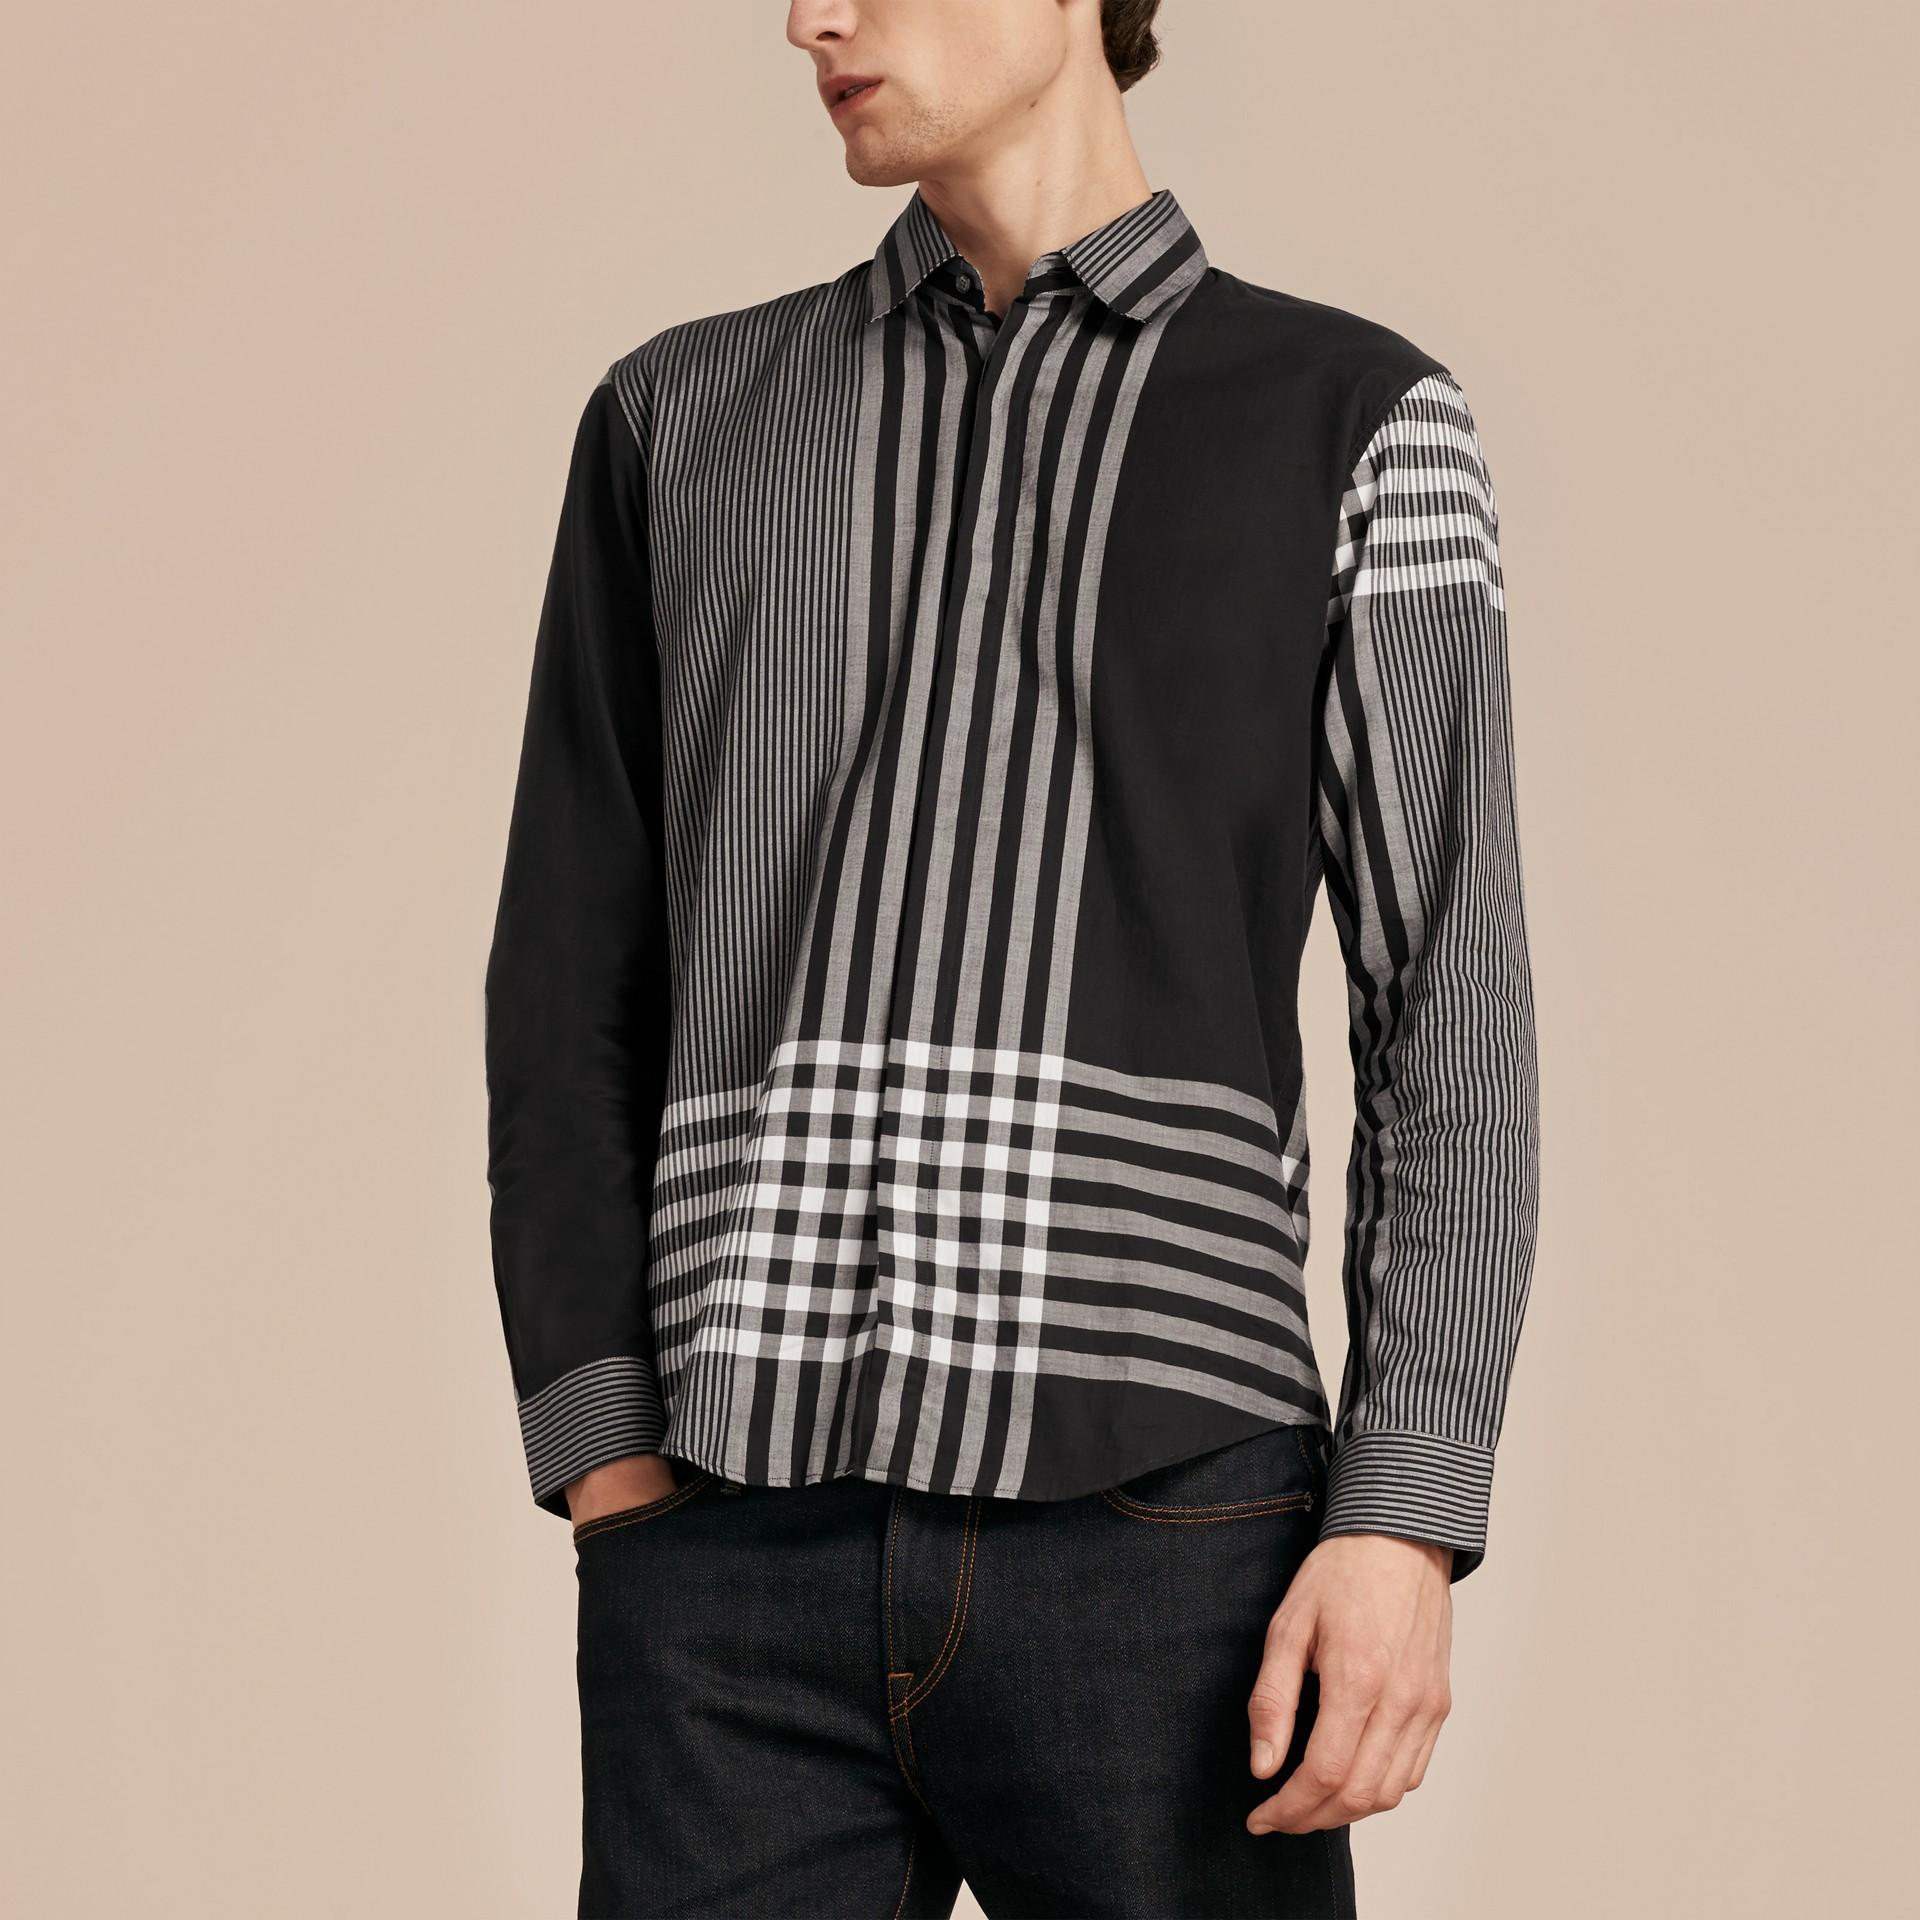 Nero Camicia in cotone con motivo check grafico Nero - immagine della galleria 6